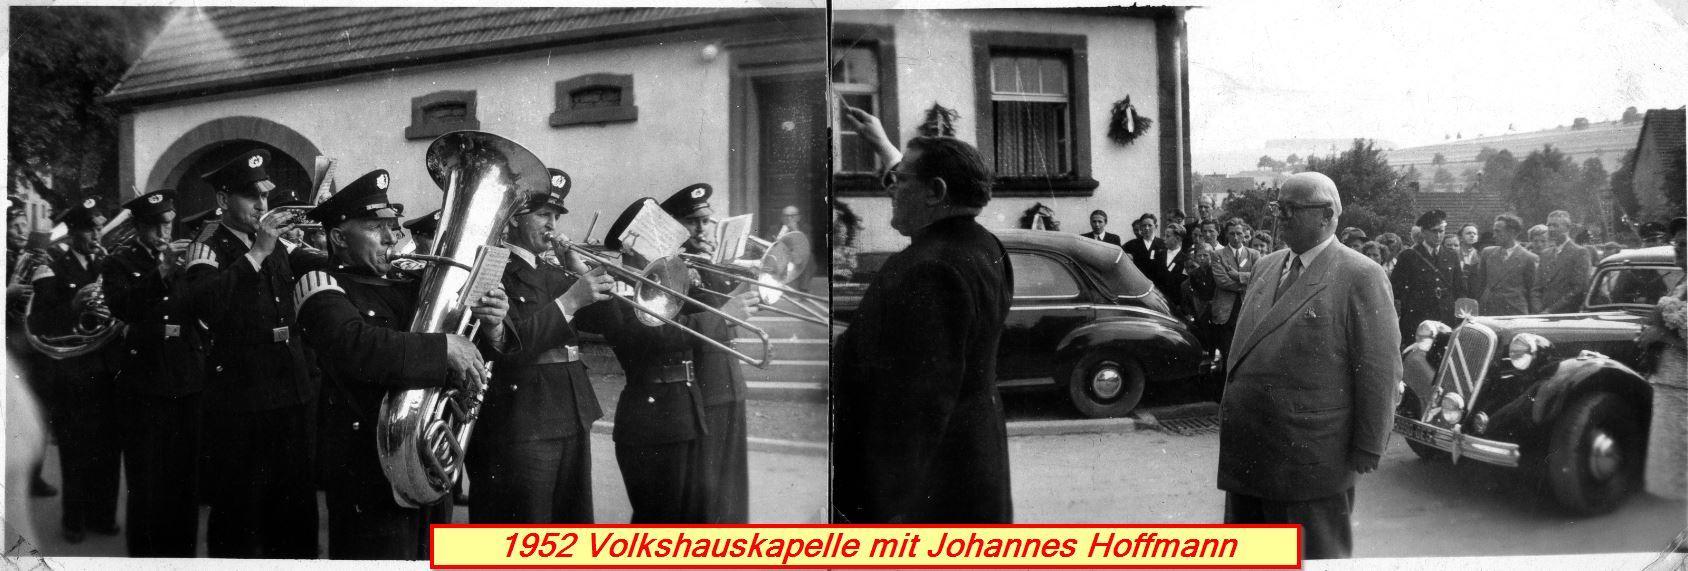 Volkshauskapelle 1952